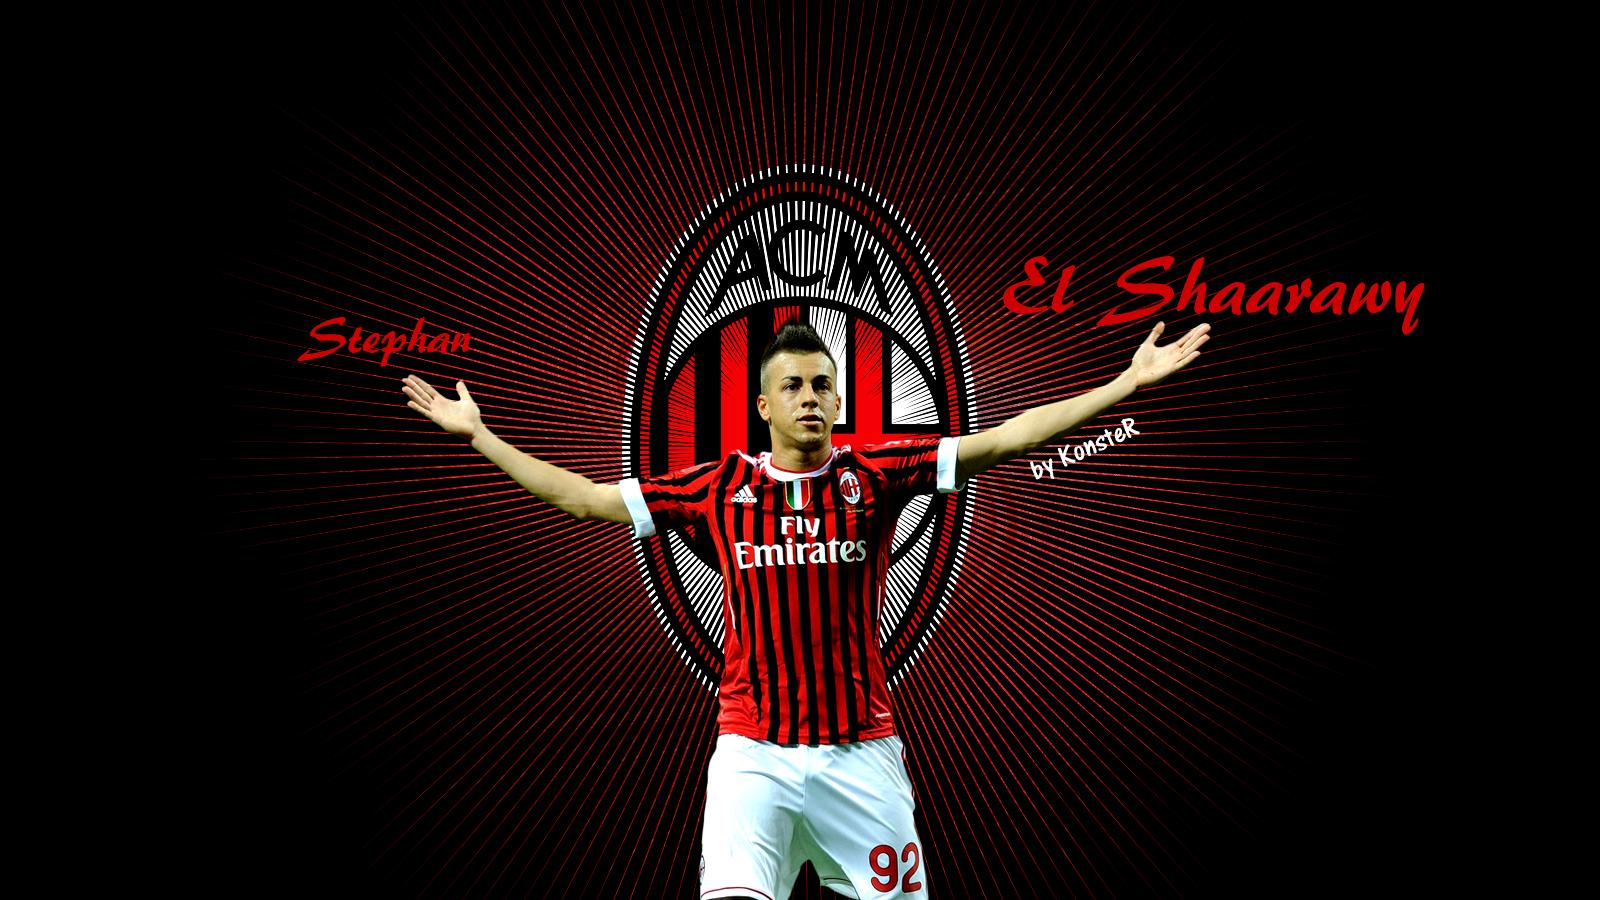 Stephan el shaarawy football wallpaper backgrounds and picture stephan el shaarawy wallpaper voltagebd Gallery